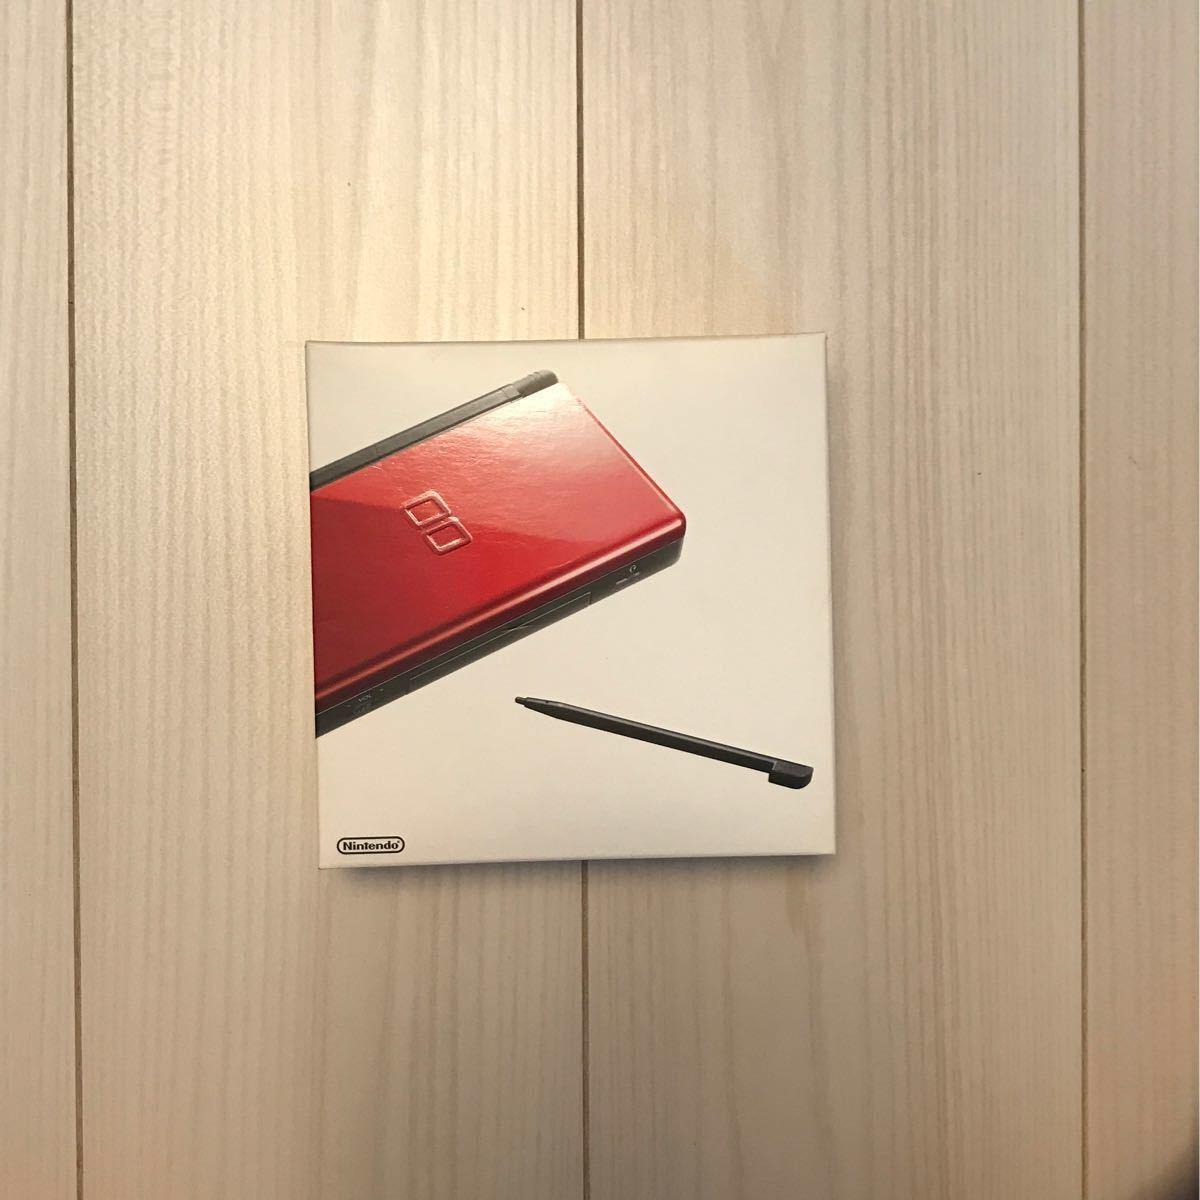 「動作確認済み」ニンテンドーDS lite (箱・付属品・充電器付) クリムゾン×ブラック